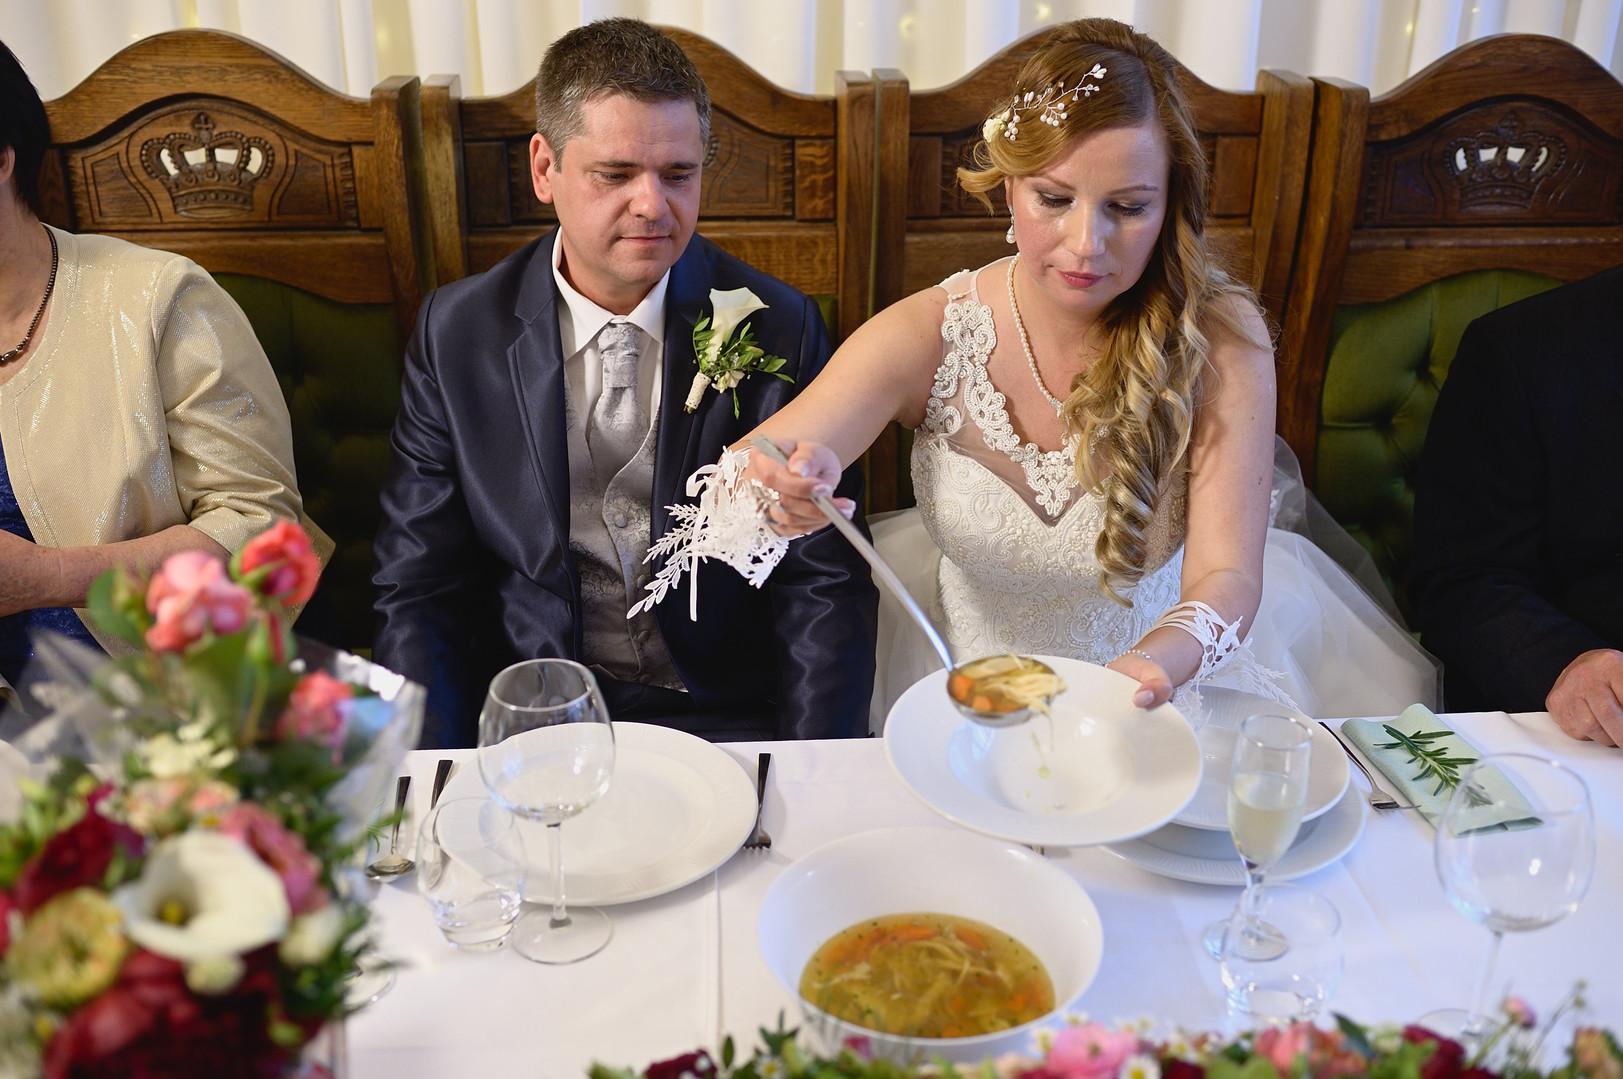 402  Esküvői fotózás - Enikő és Peti Bul